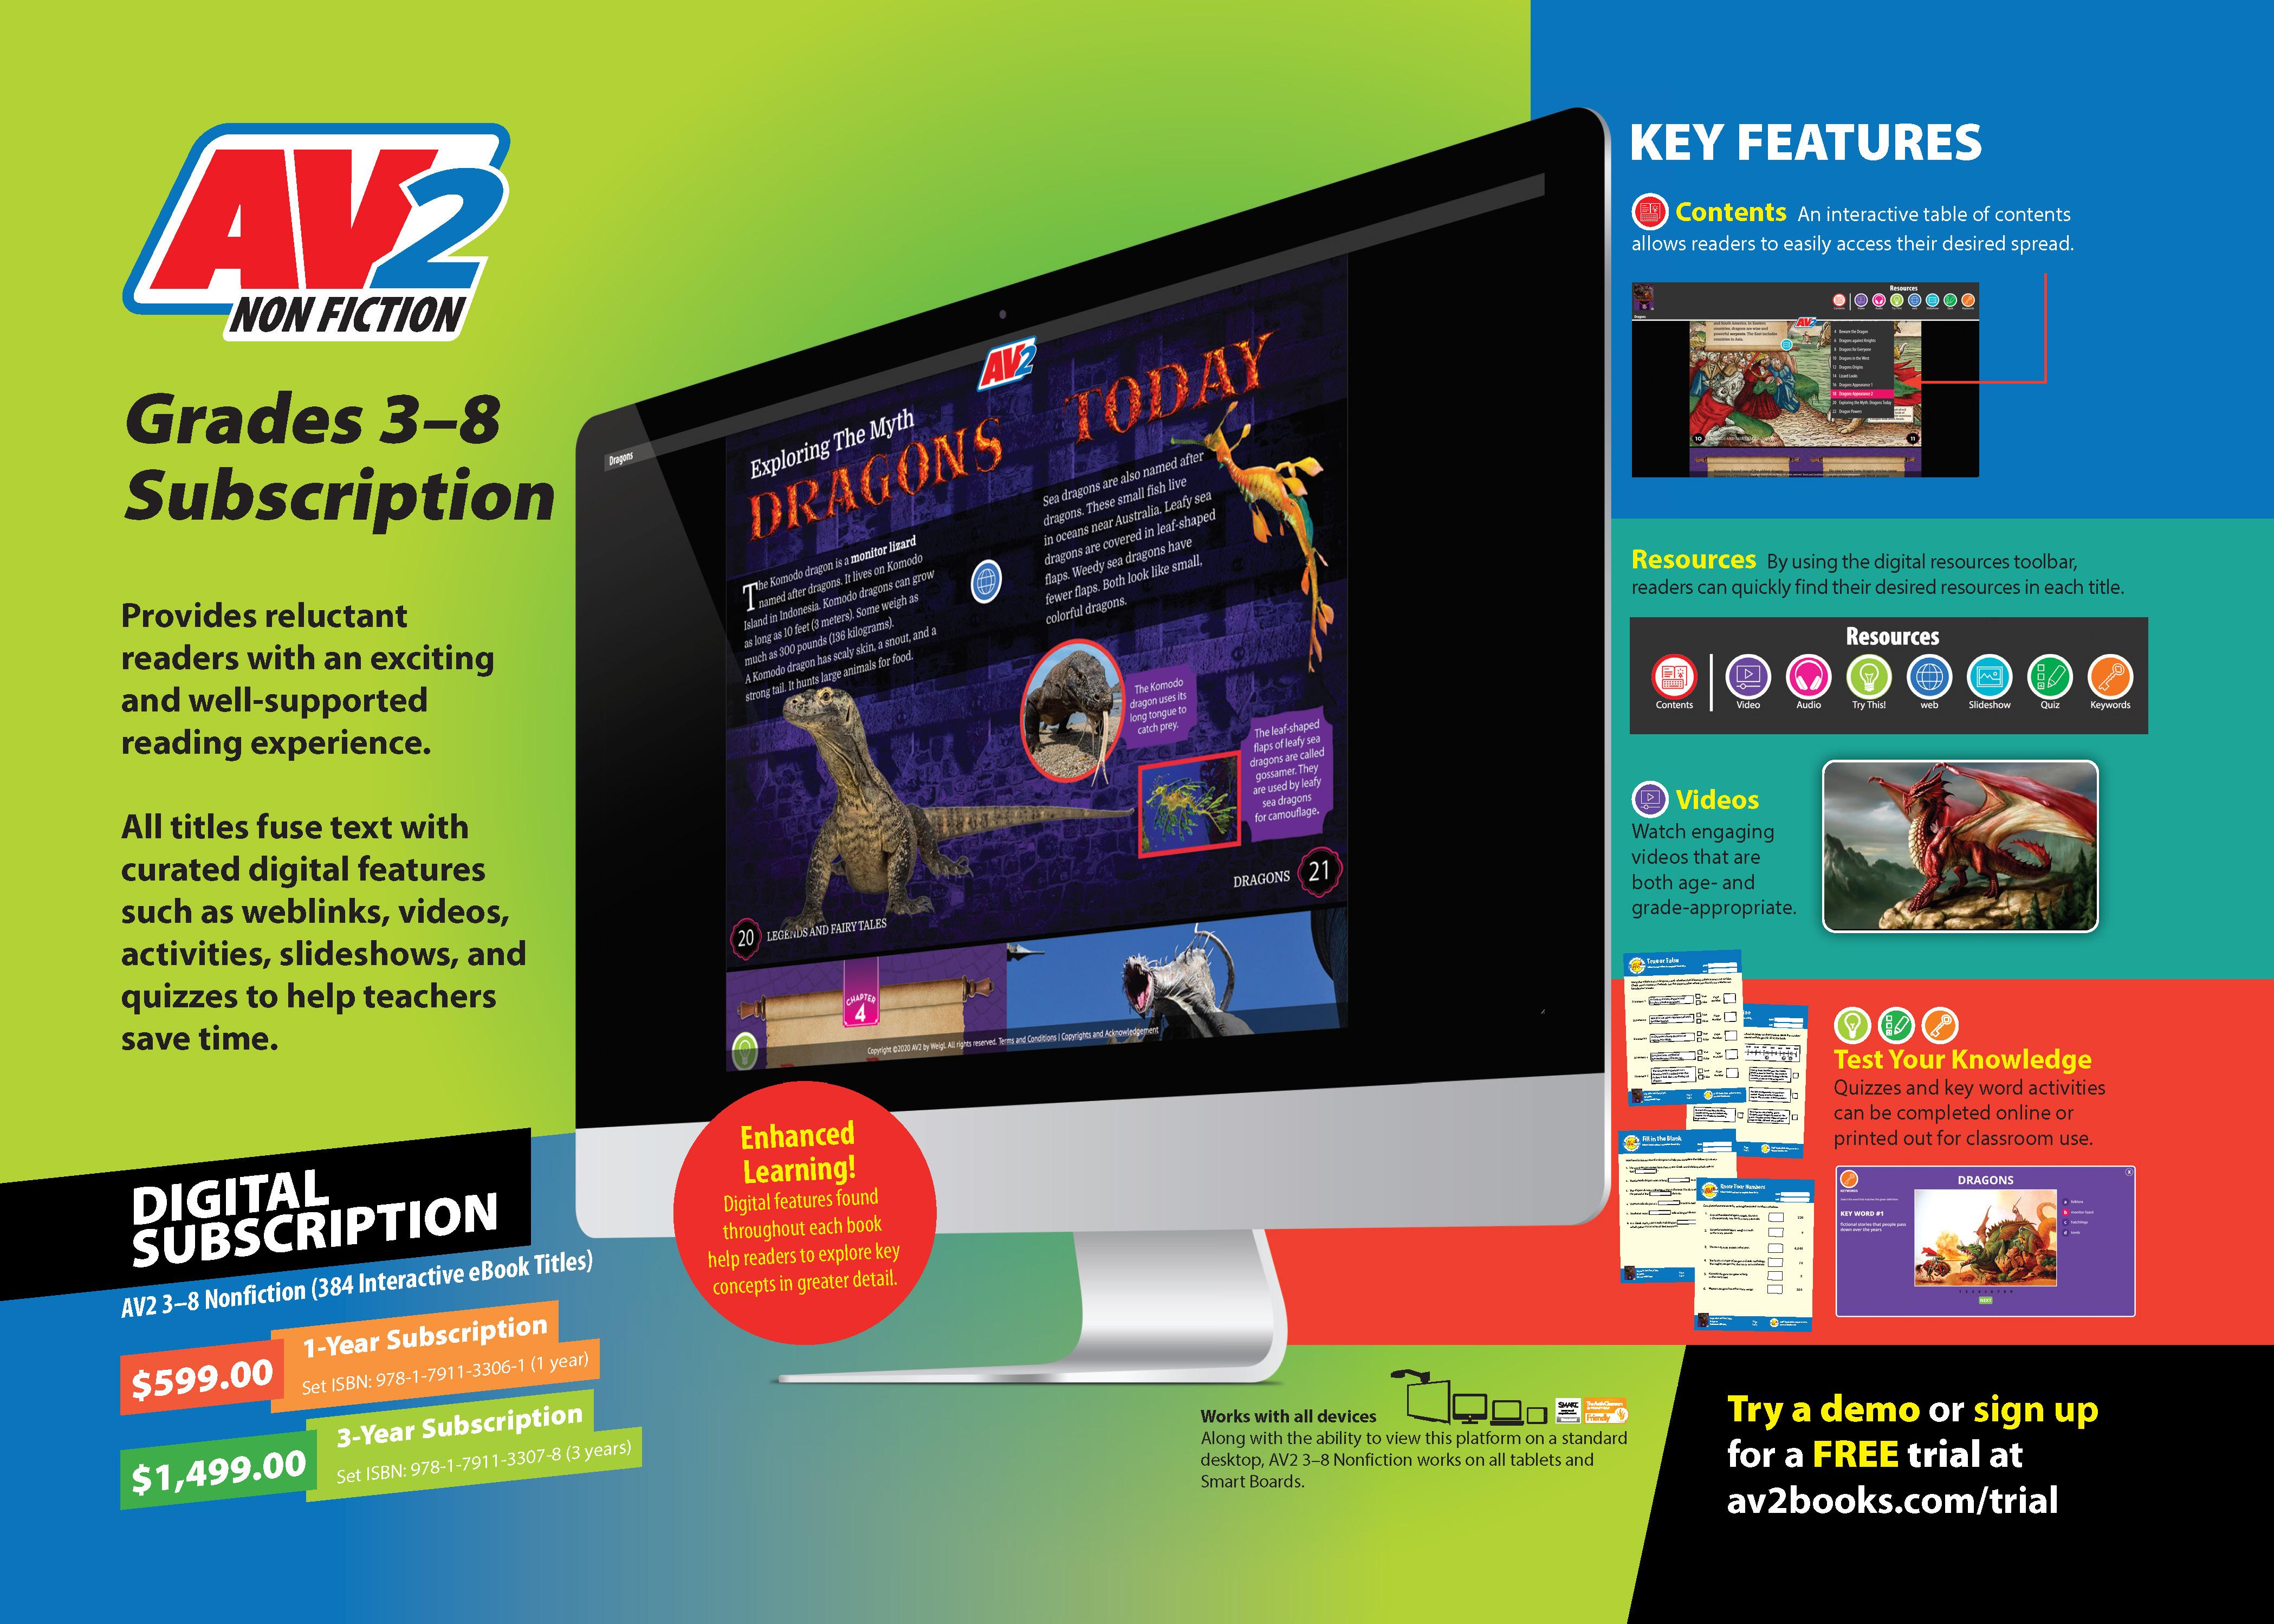 AV2-non-fiction_grades_3-8_subscription